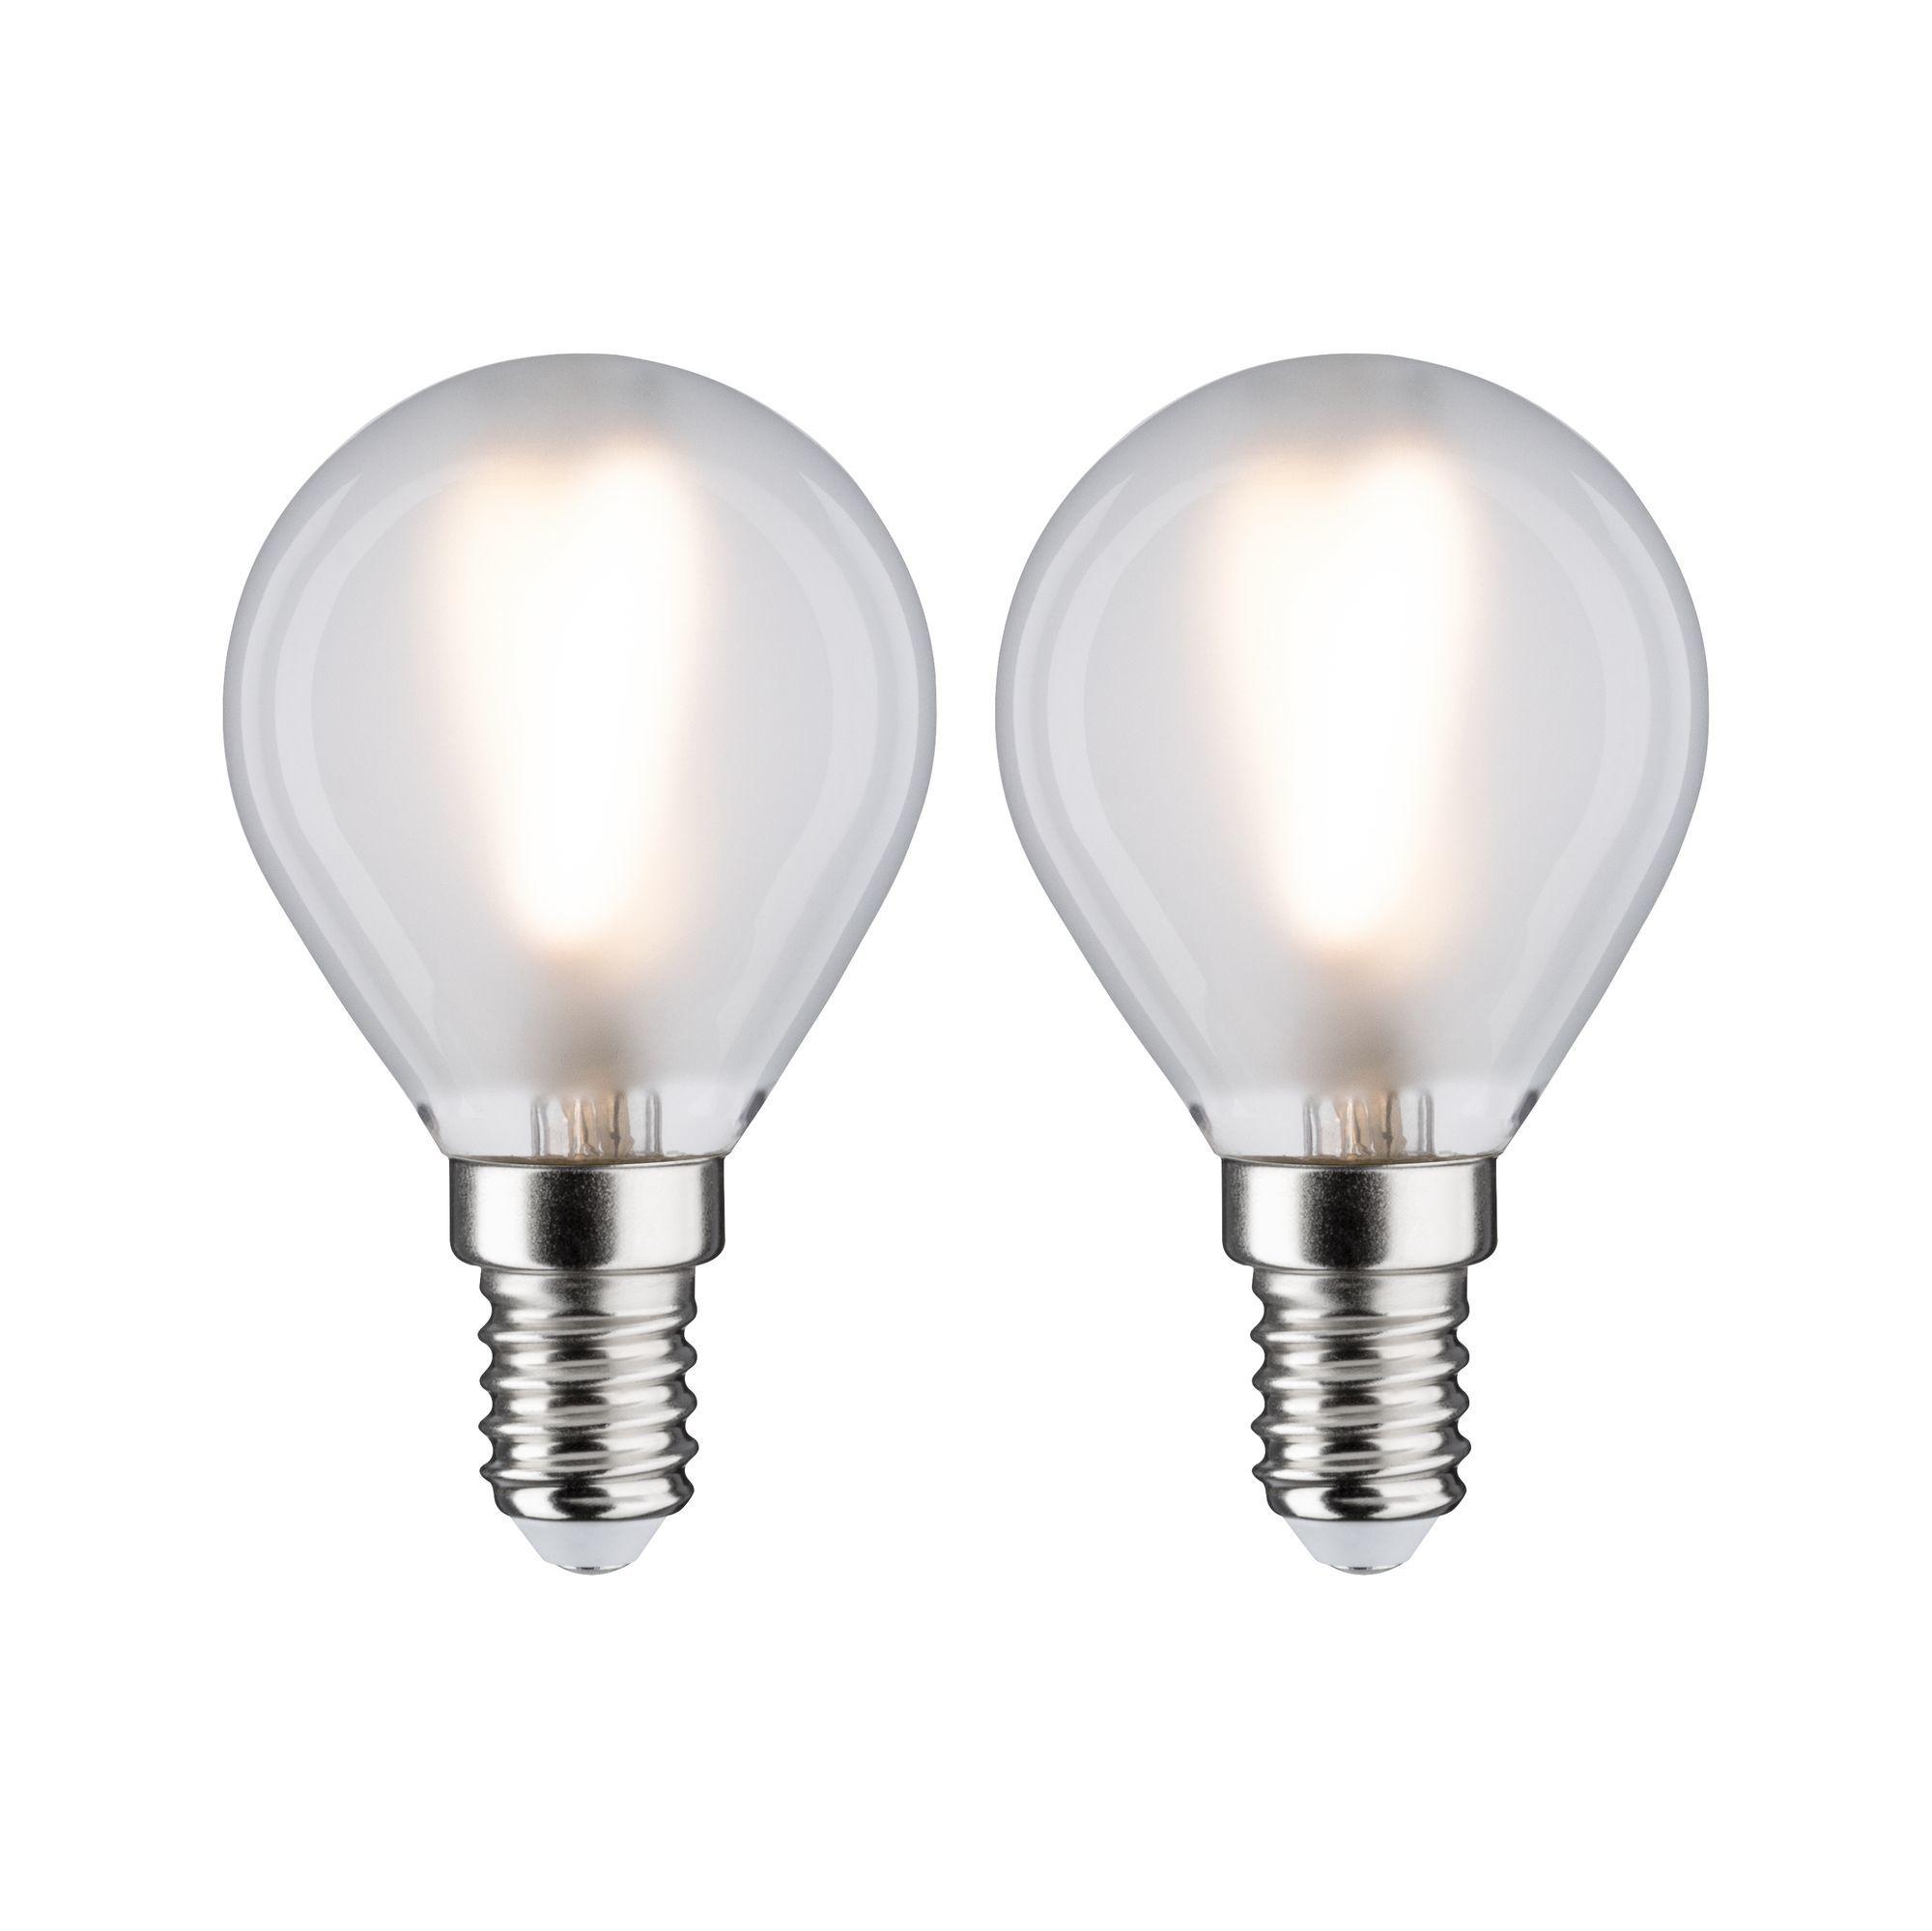 Paulmann LED Fil 2er Tropfen 250lm E14 2700K matt 3W 230V (28638)